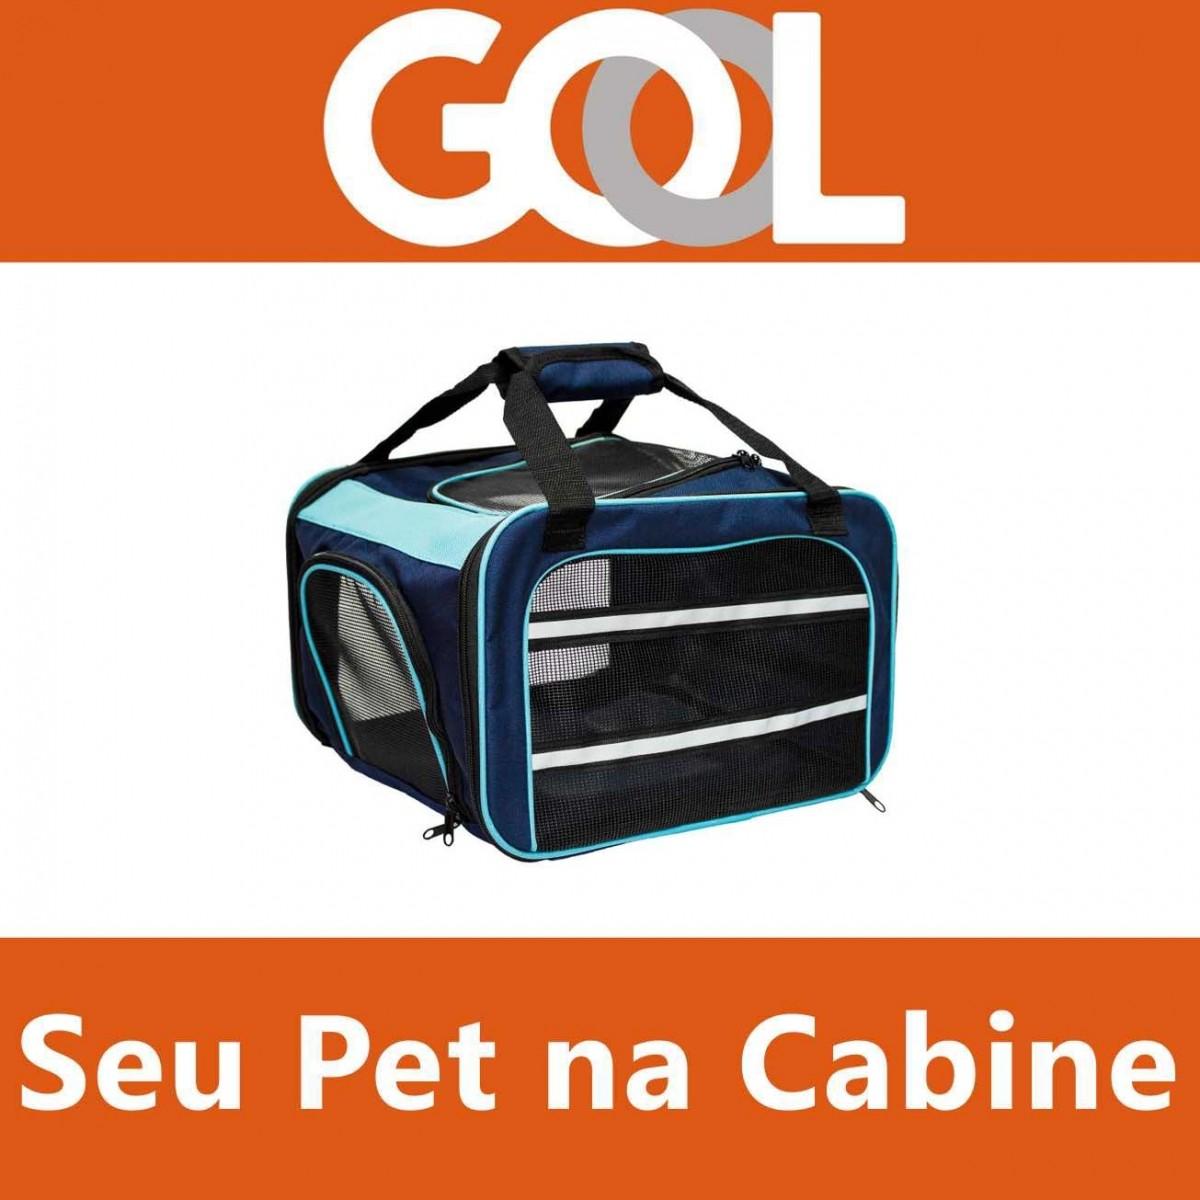 Bolsa para Transportar seu Pet na Cabine do Avião - Cia GOL